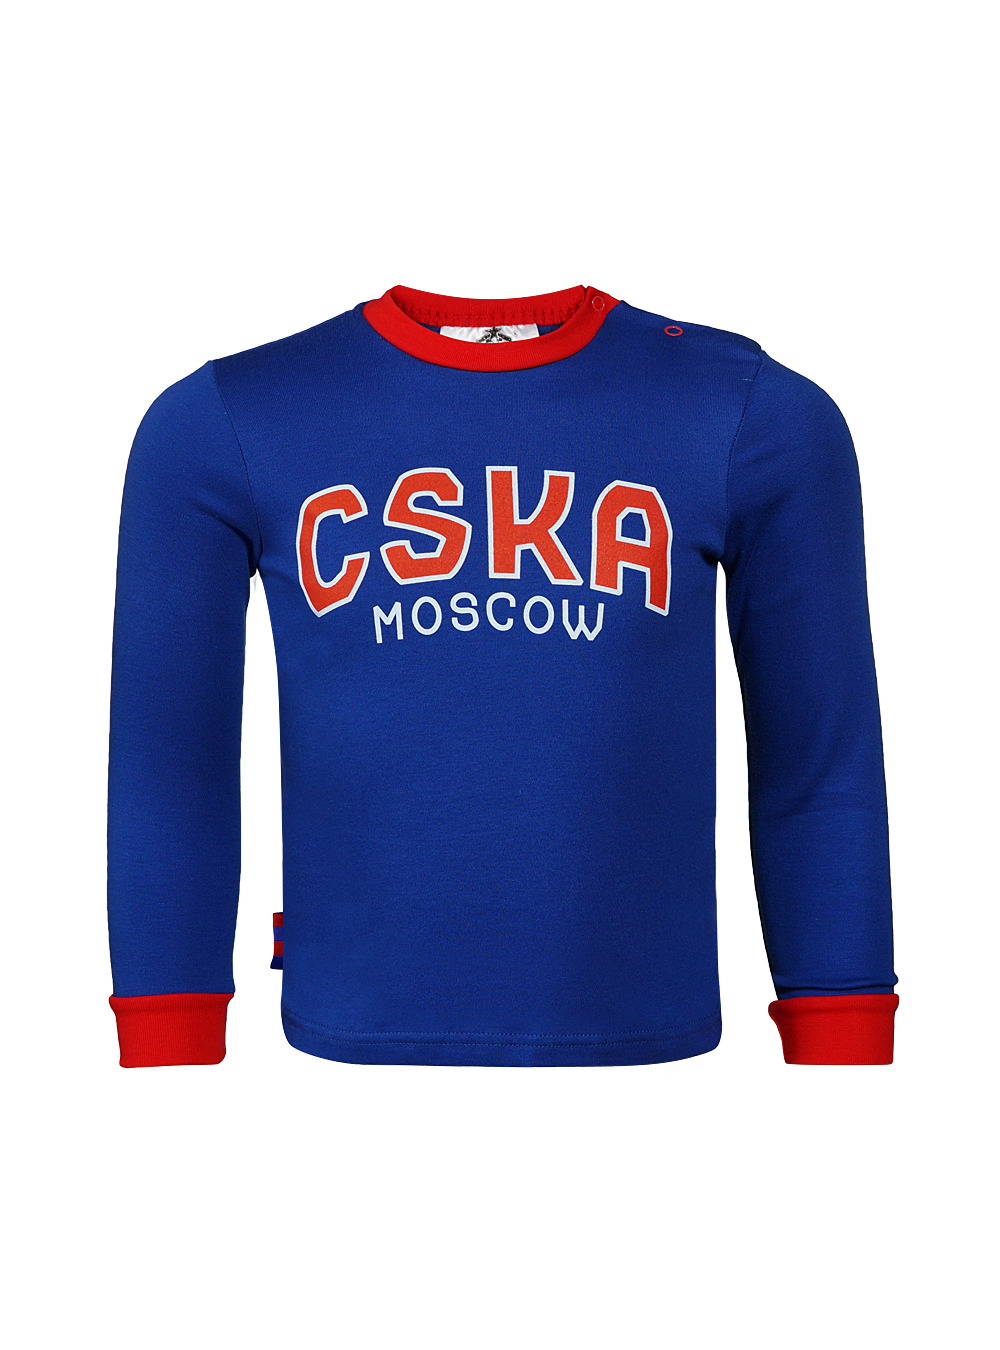 Купить Футболка с длинным рукавом CSKA Moscow синяя (104) по Нижнему Новгороду